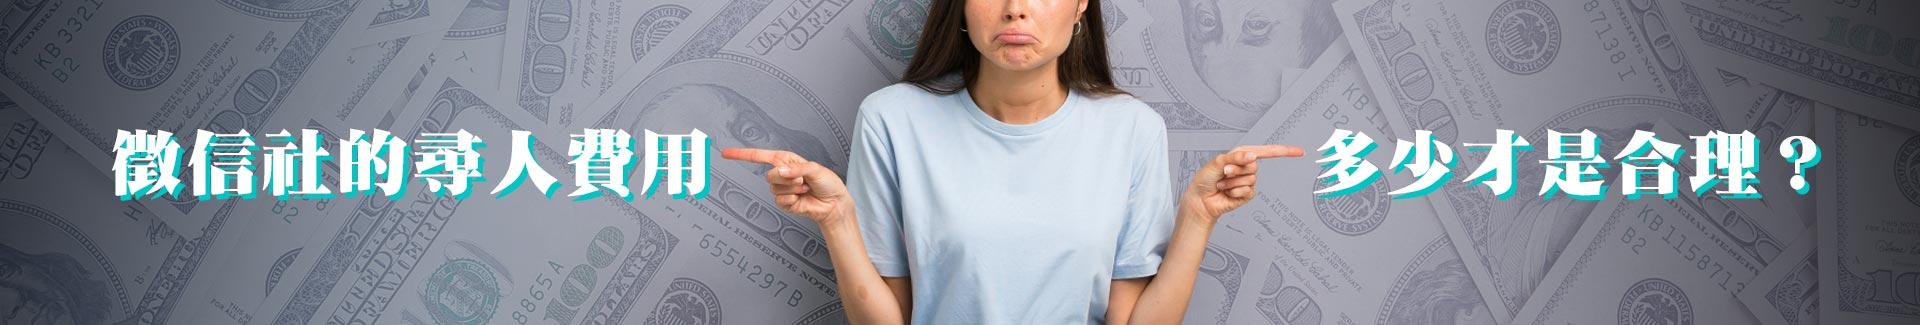 徵信社的尋人費用多少才是合理?